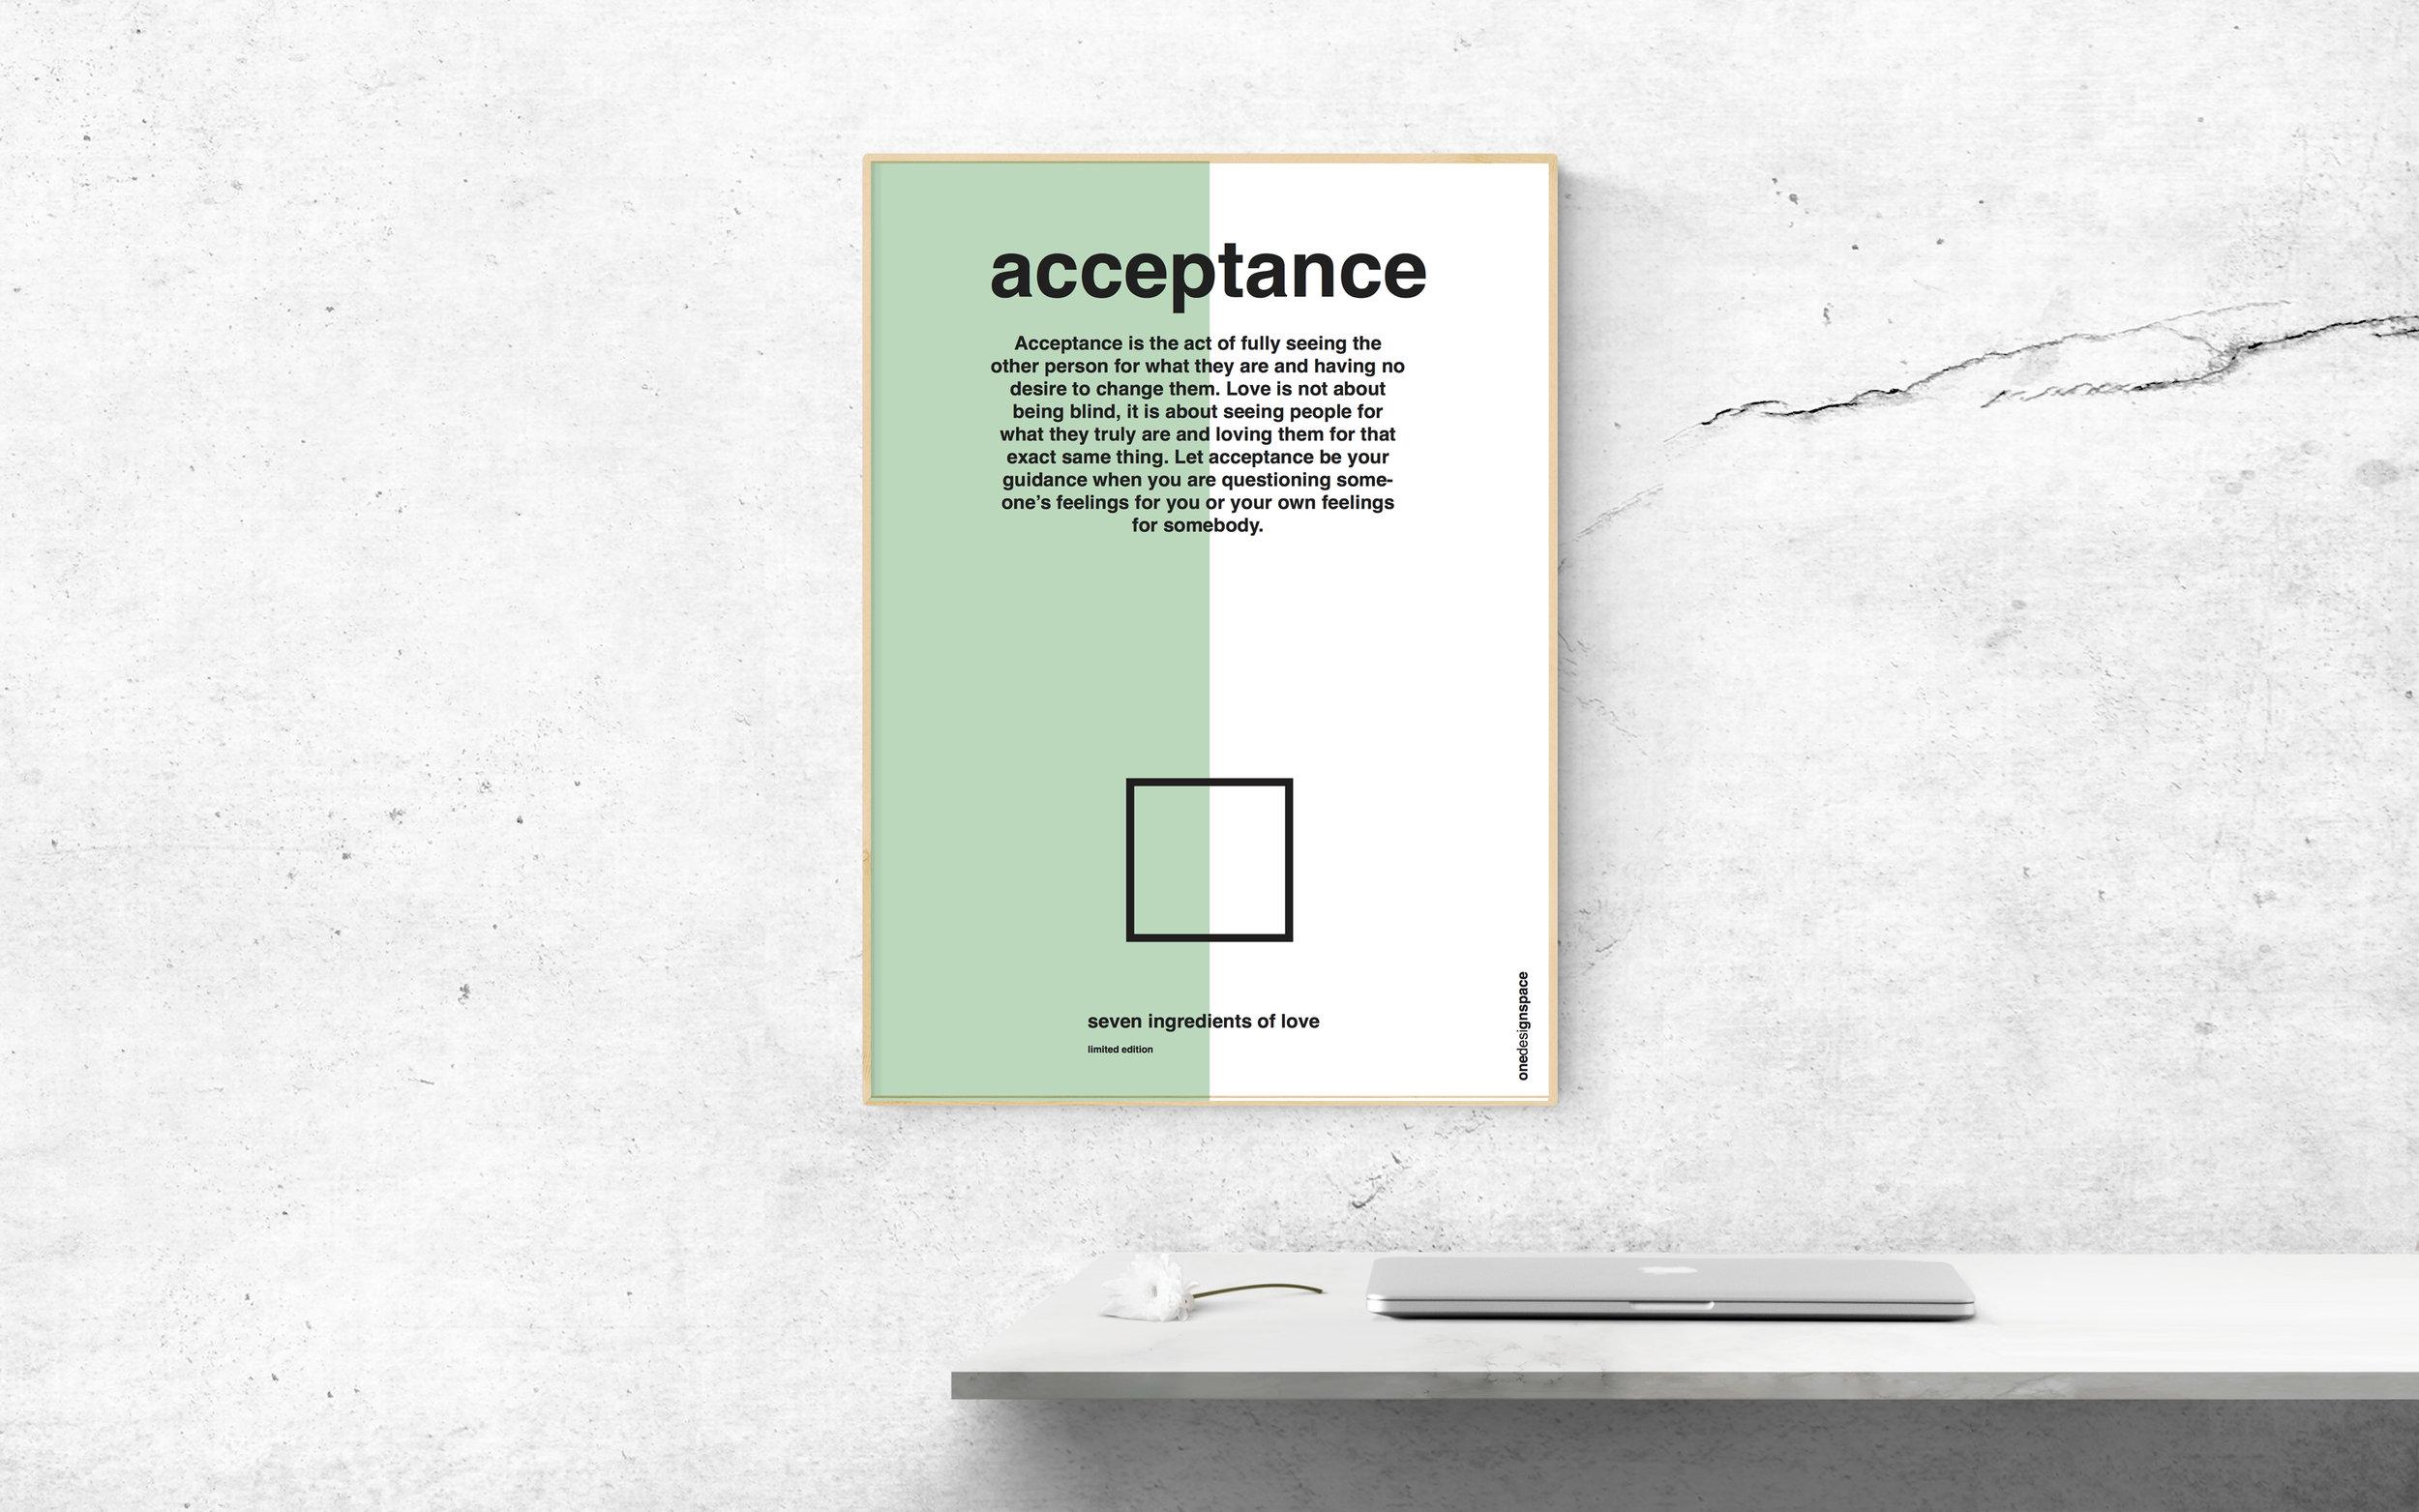 acceptance-render.jpg